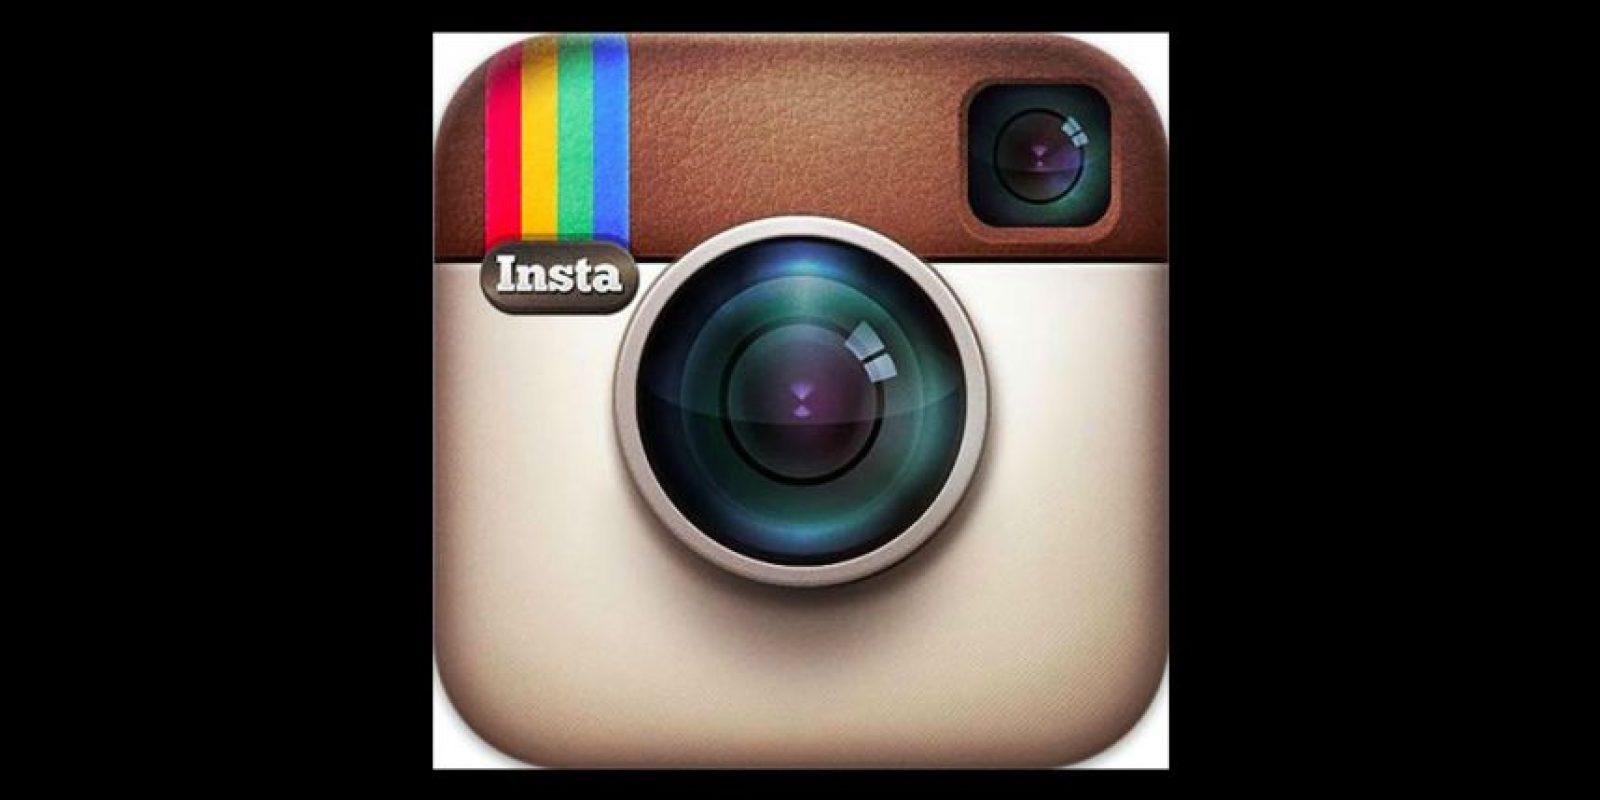 Para móvil, esta aplicación se encuentra disponible en todos los sistemas operativos. Foto:Instagram